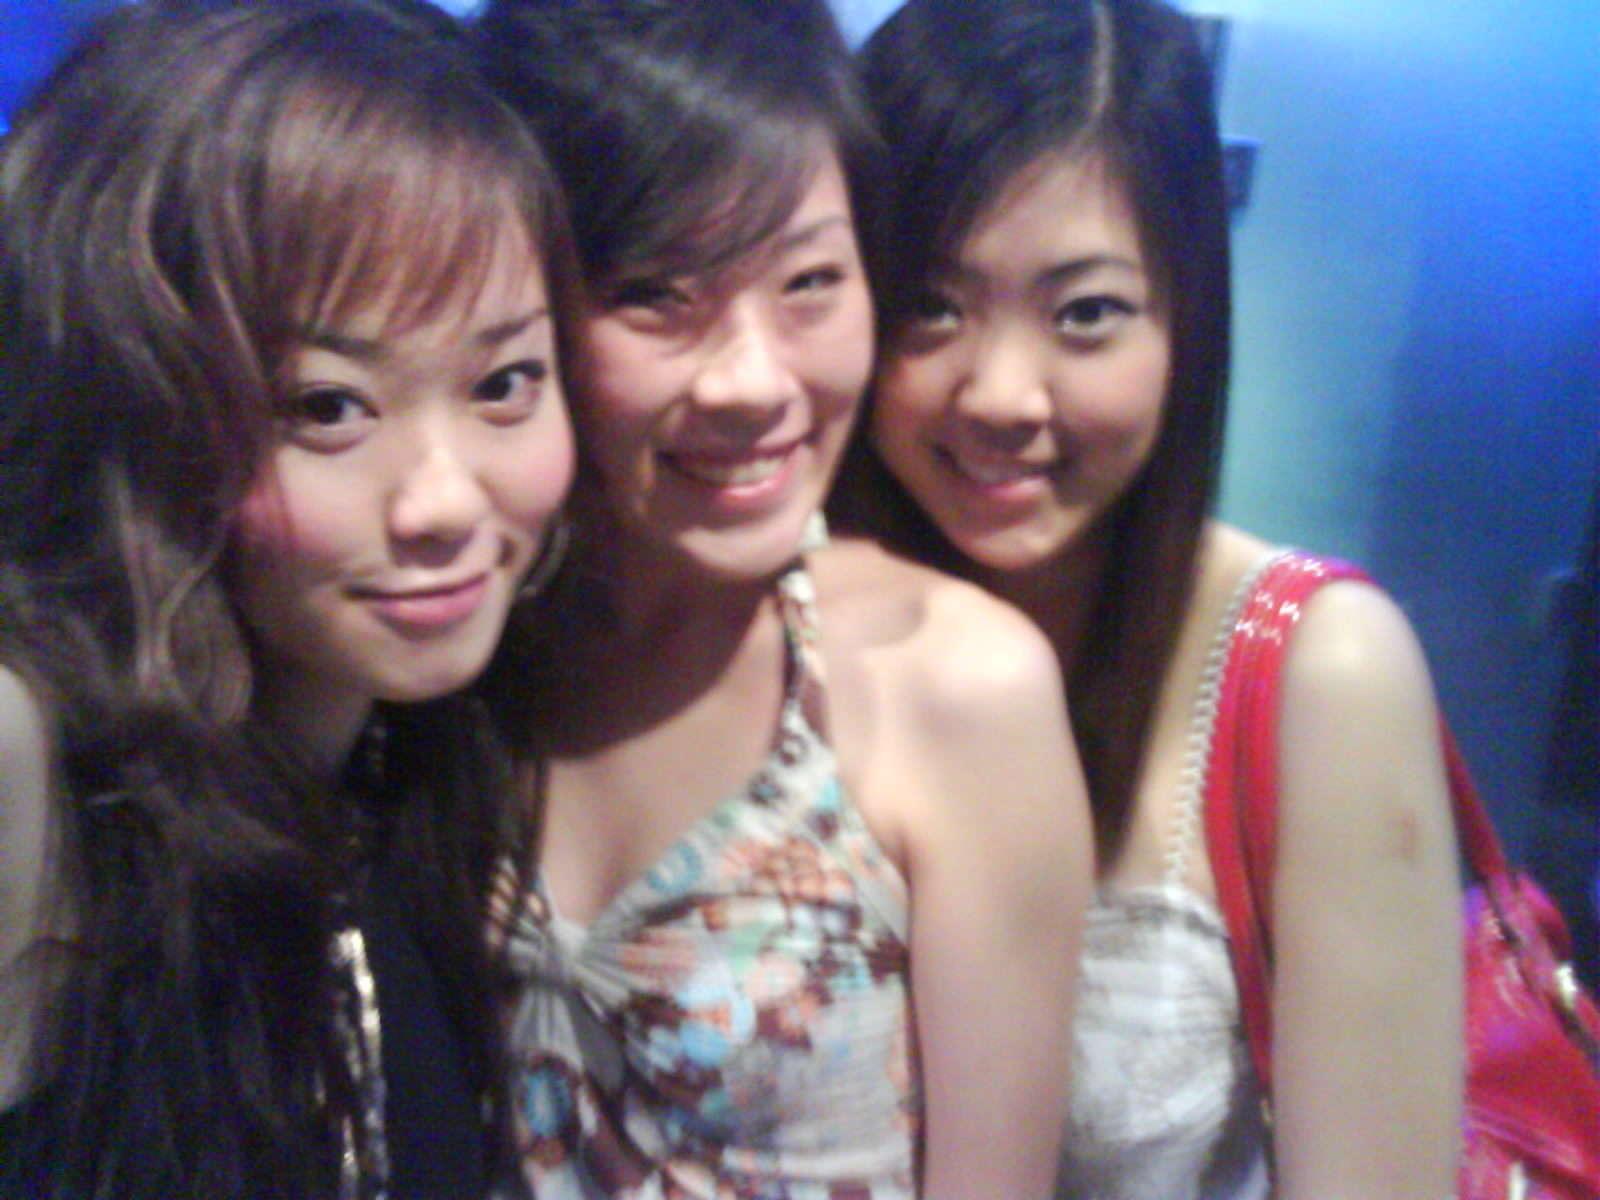 Amateur group sex asian babe